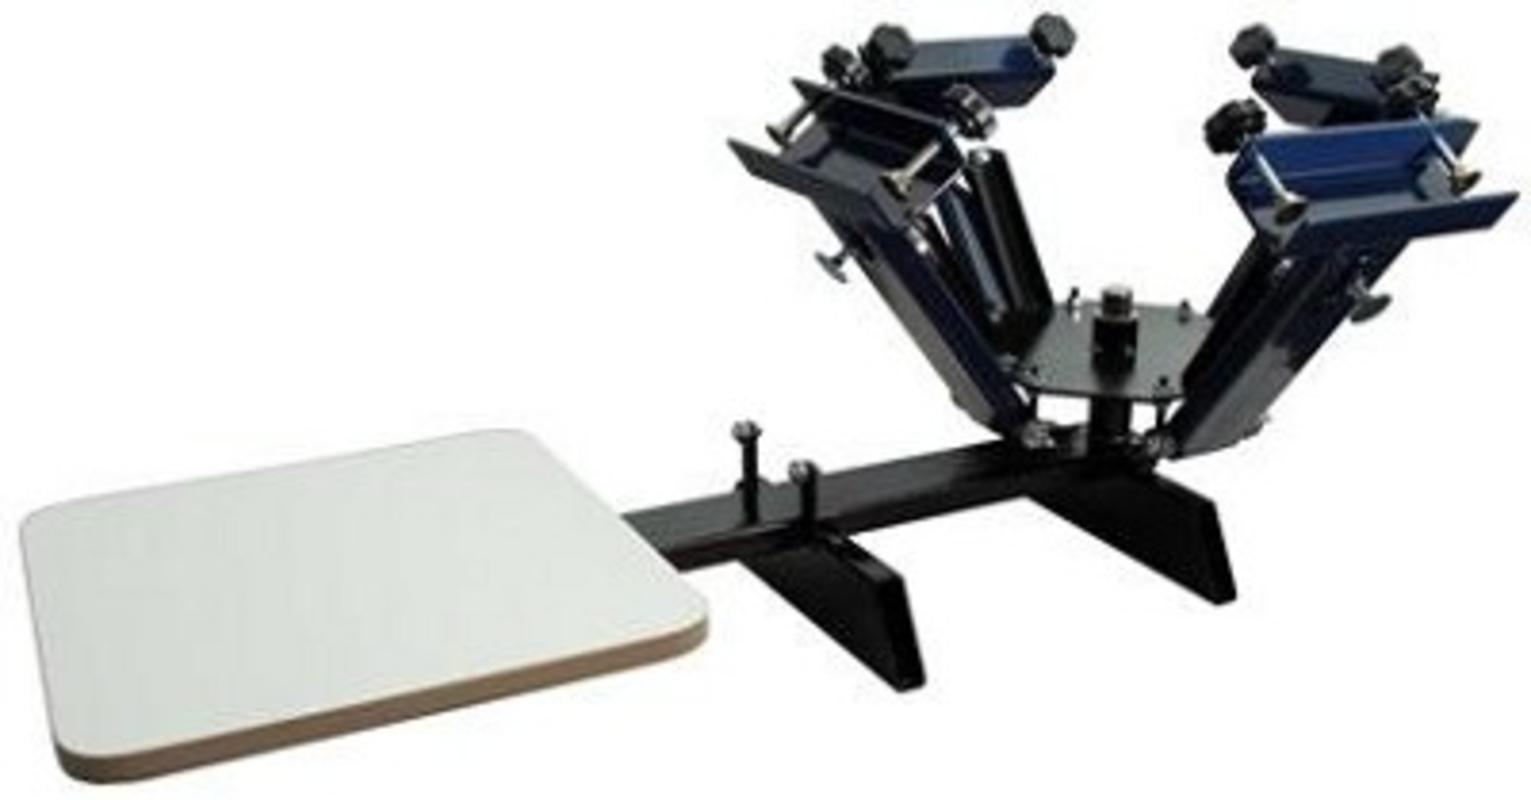 Genesis Manual Press - 4 Color